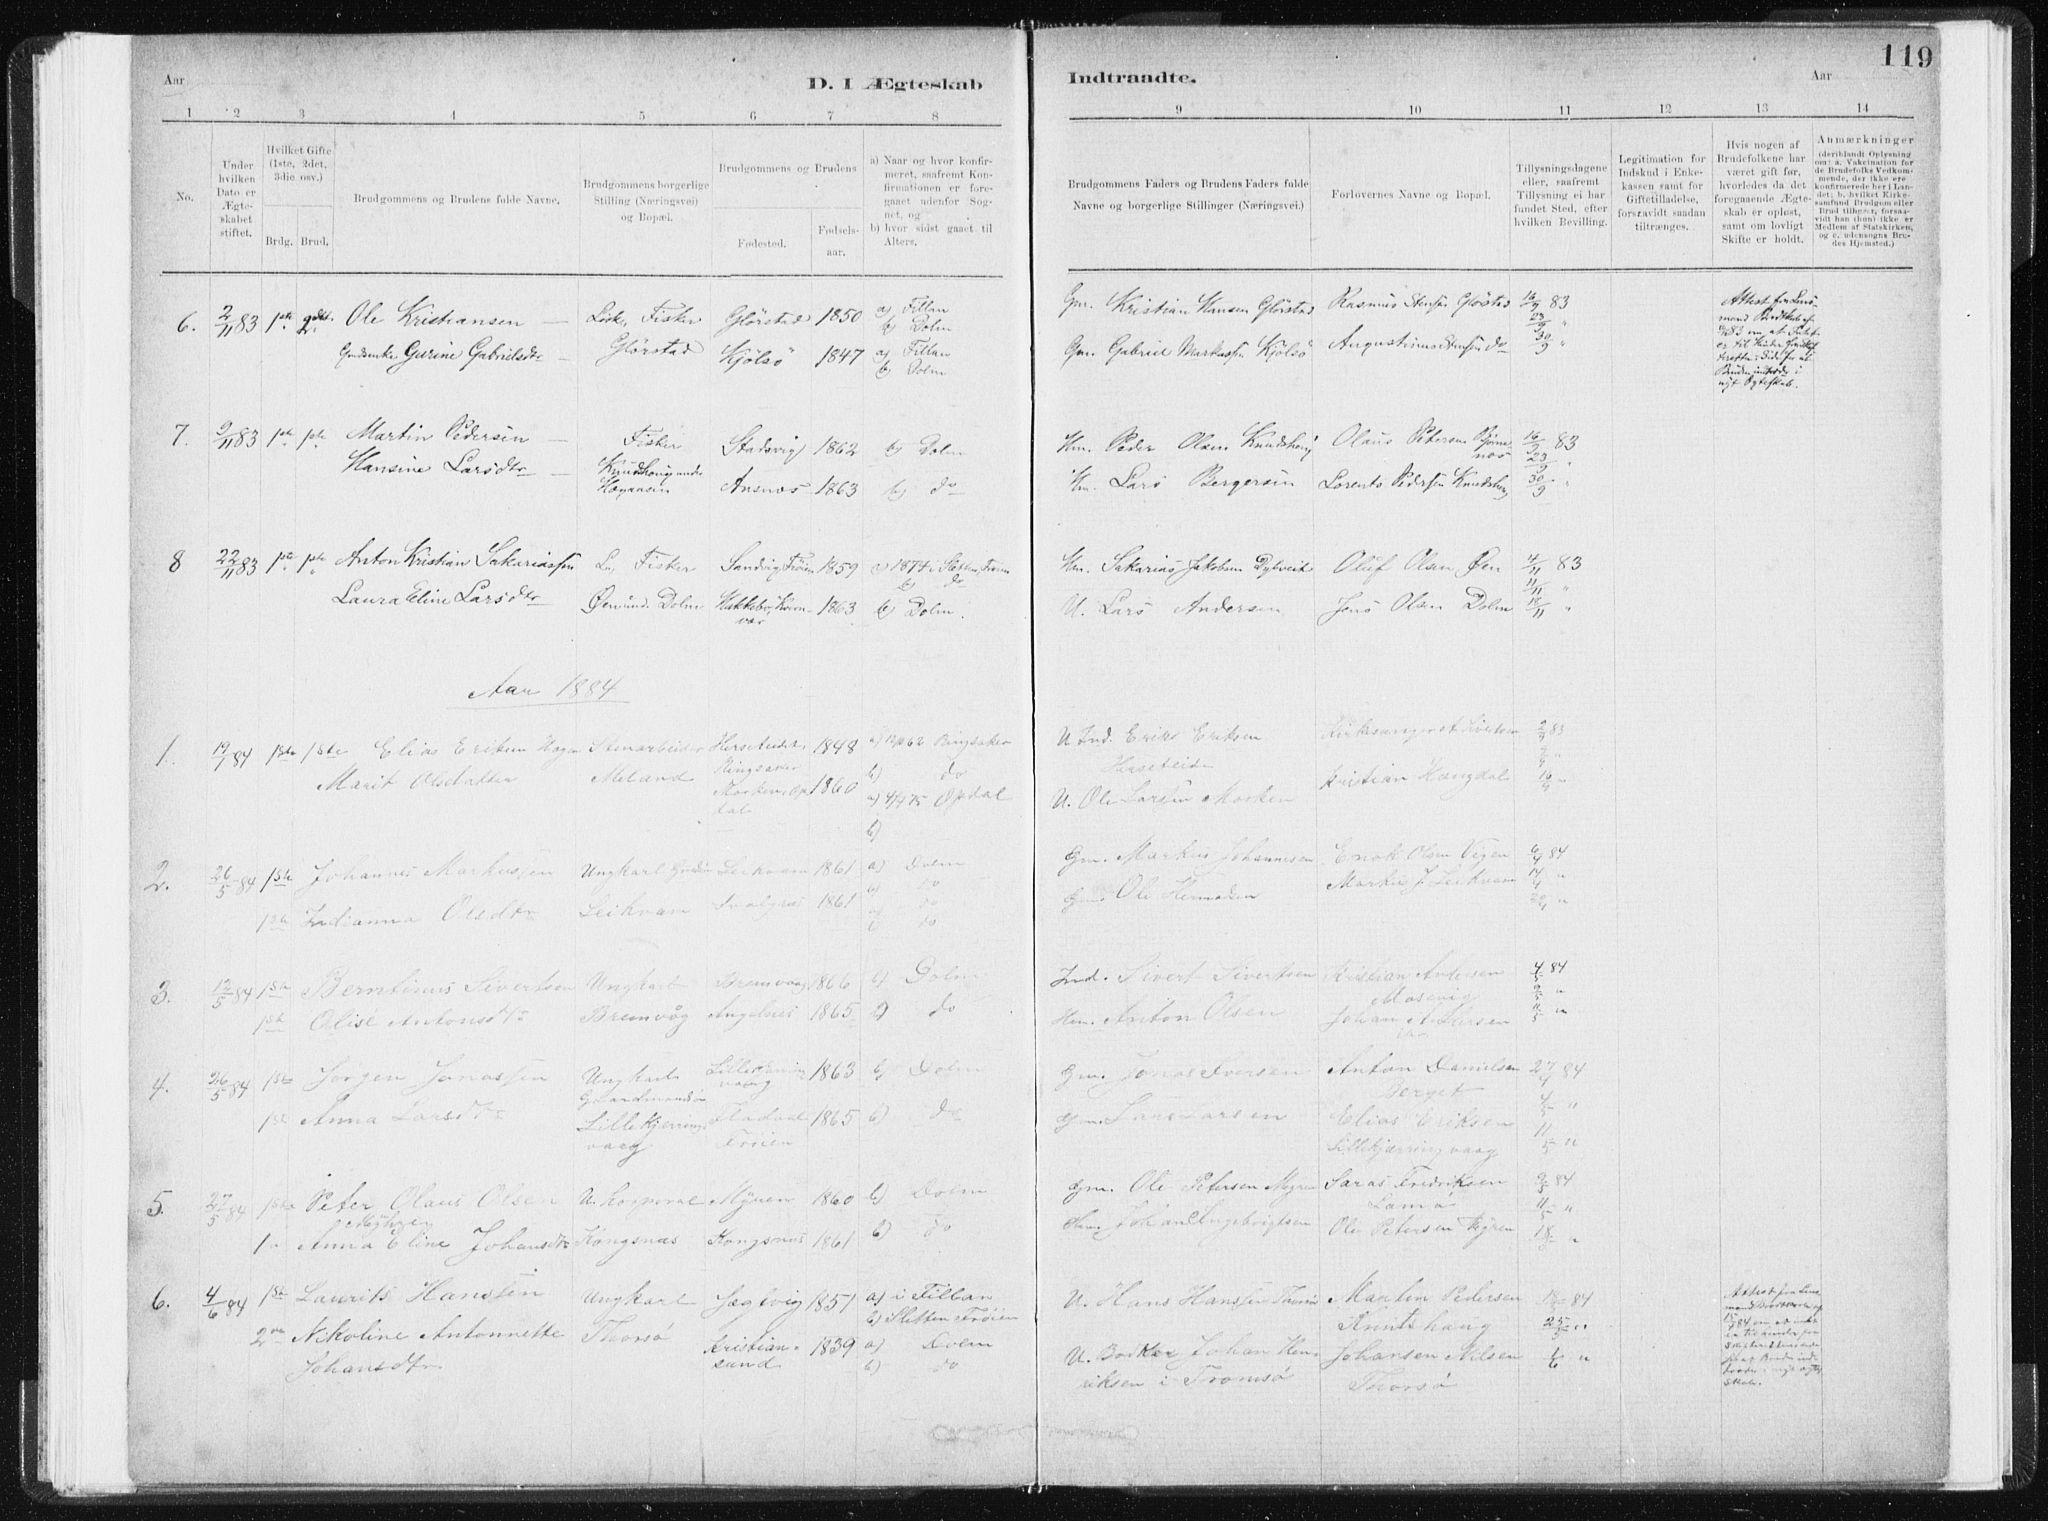 SAT, Ministerialprotokoller, klokkerbøker og fødselsregistre - Sør-Trøndelag, 634/L0533: Ministerialbok nr. 634A09, 1882-1901, s. 119